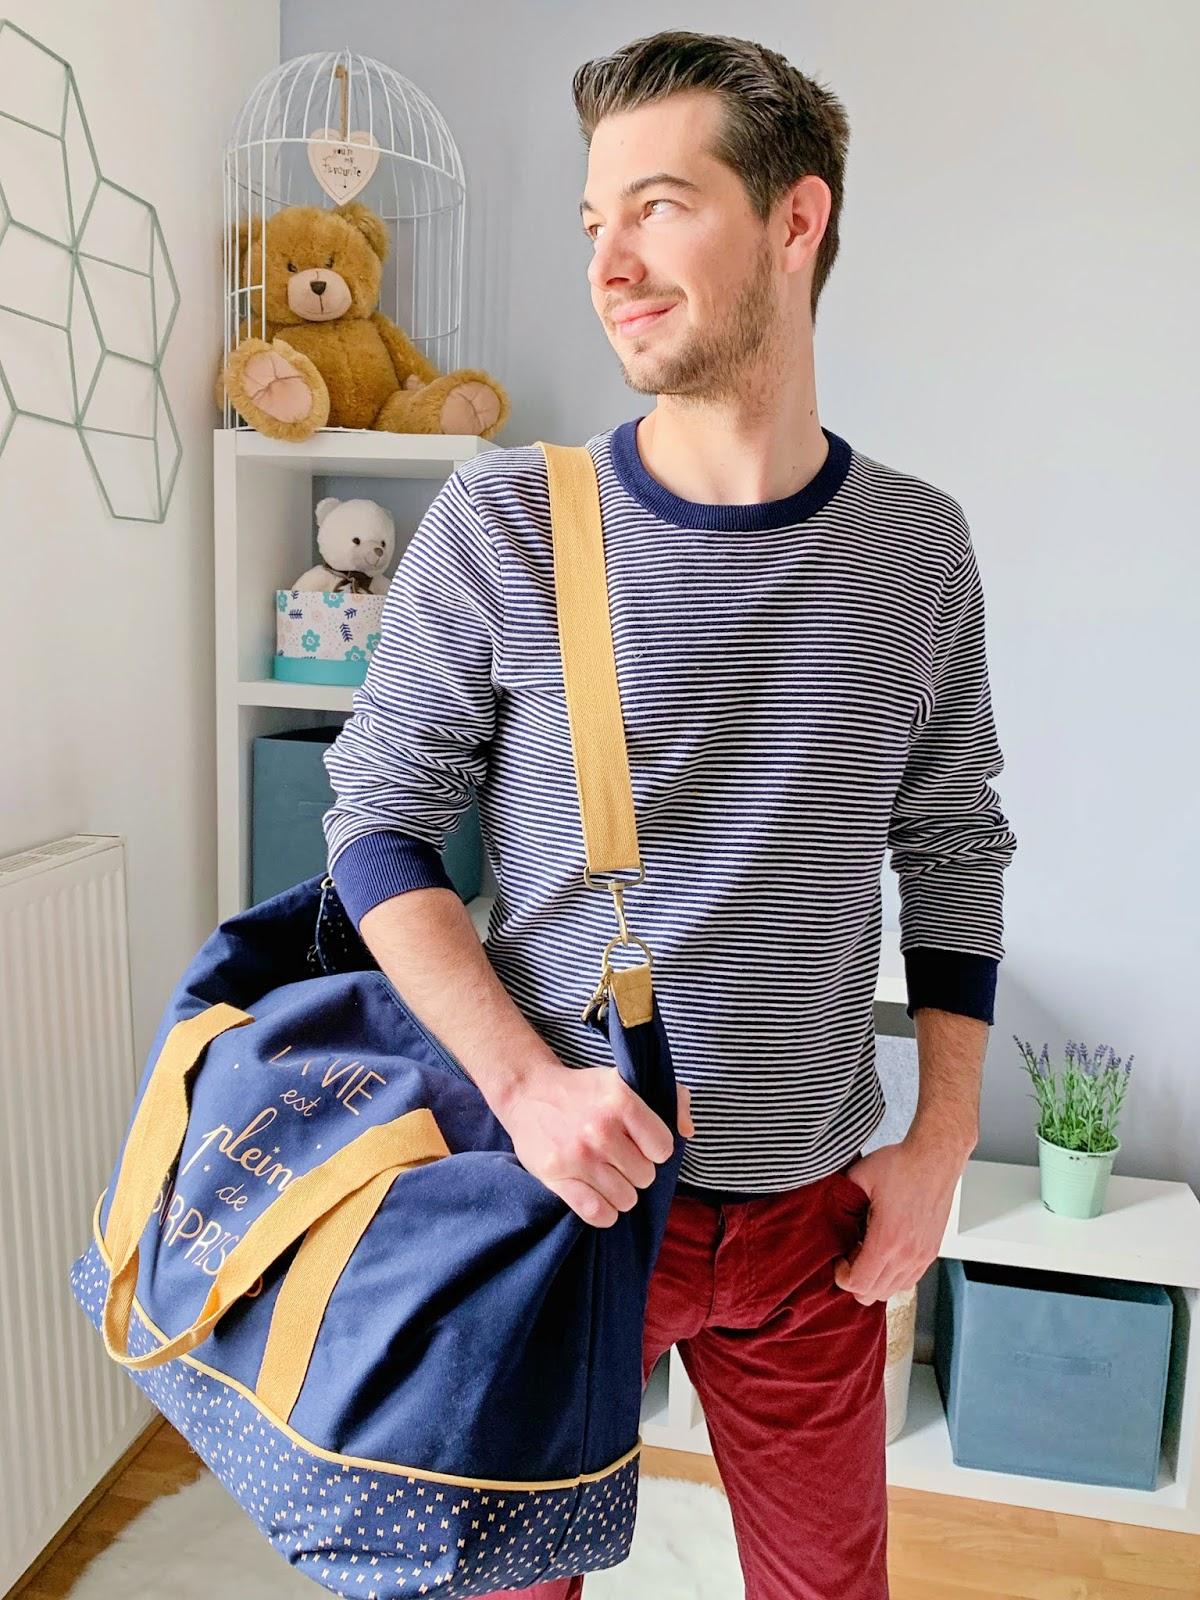 que mettre valise maternité maman bébé vêtements taille quantité soin trousseau naissance les gommettes de melo sac à langer weekend vertbaudet